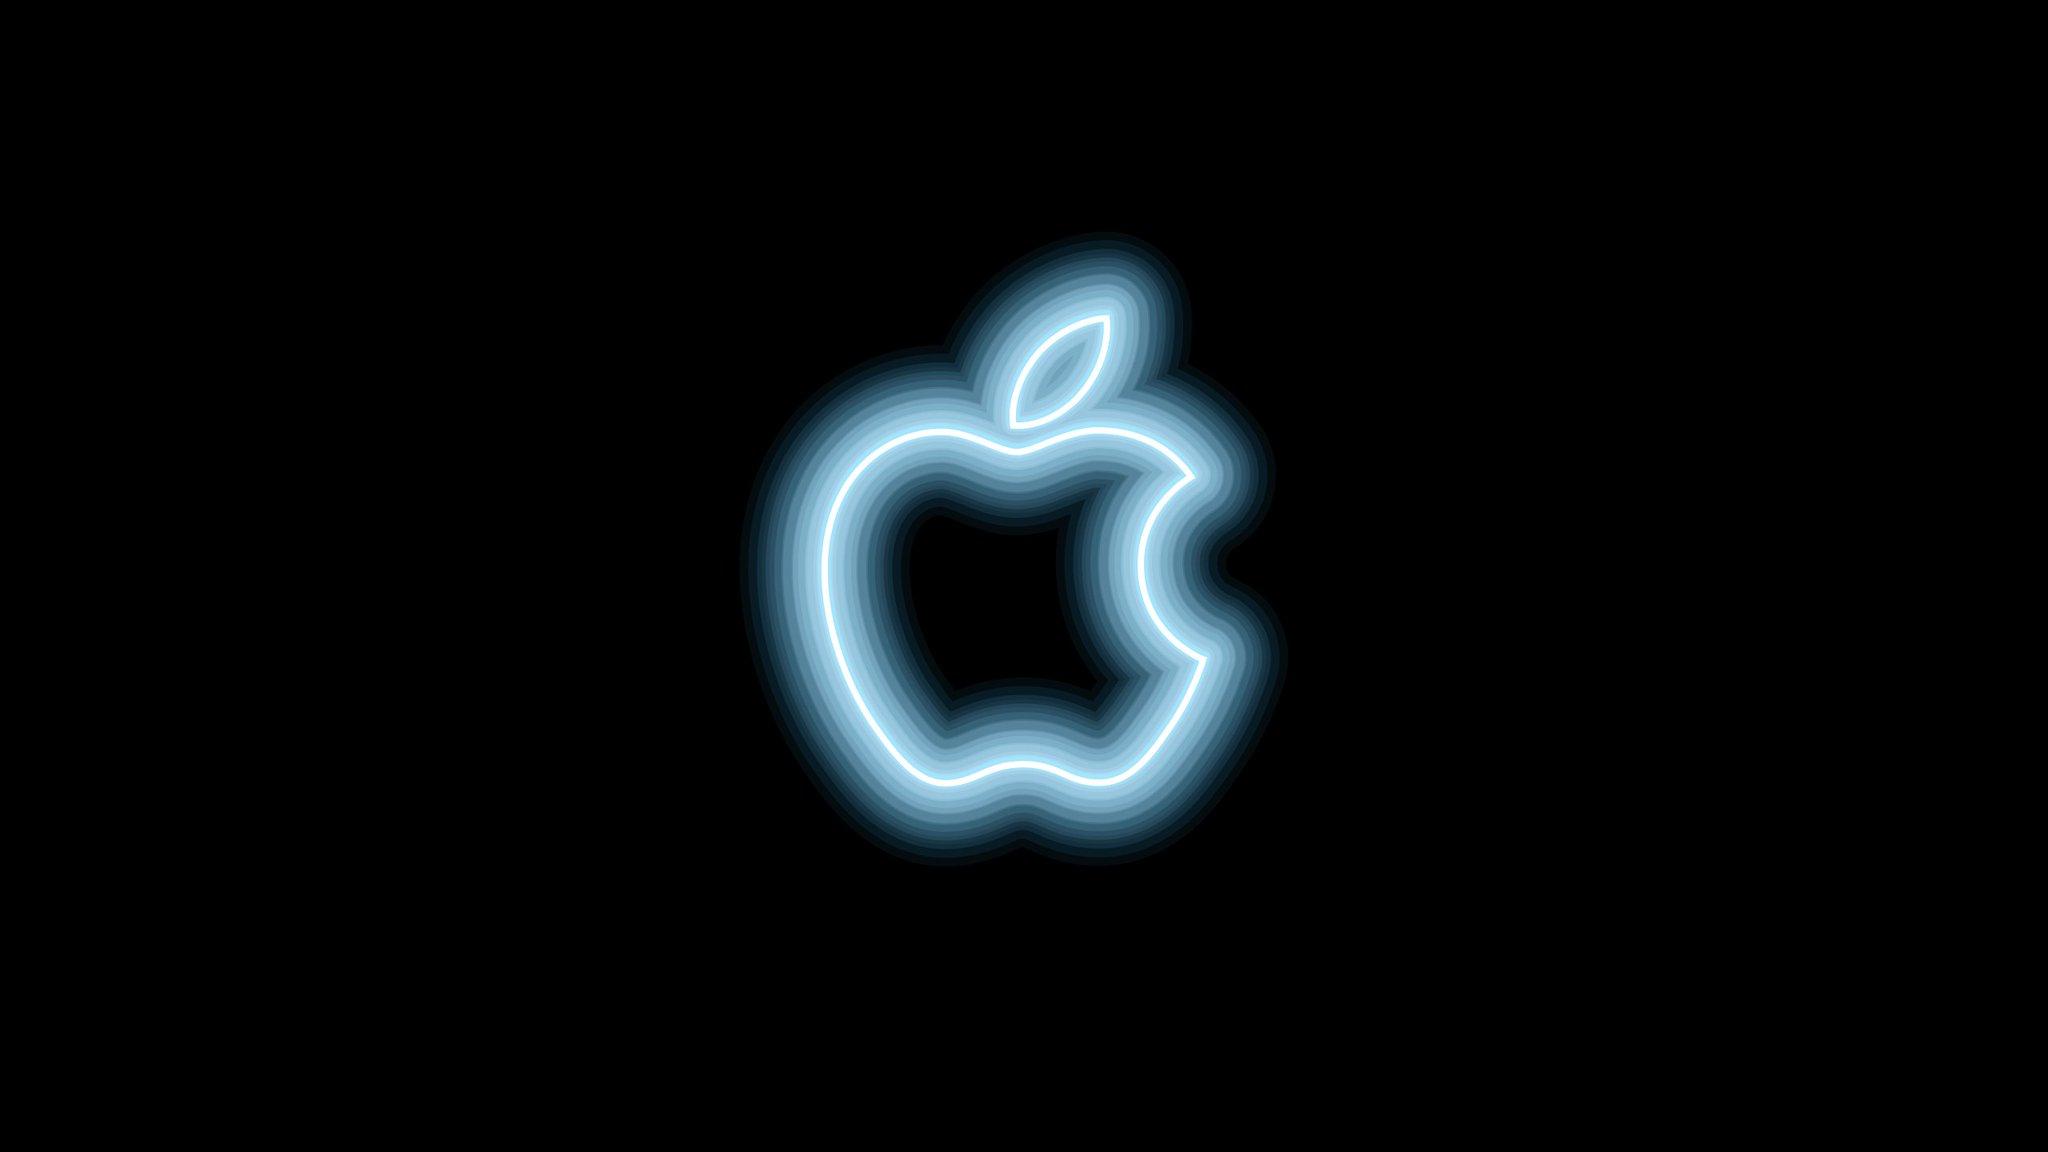 twitter like apple event sept 2021